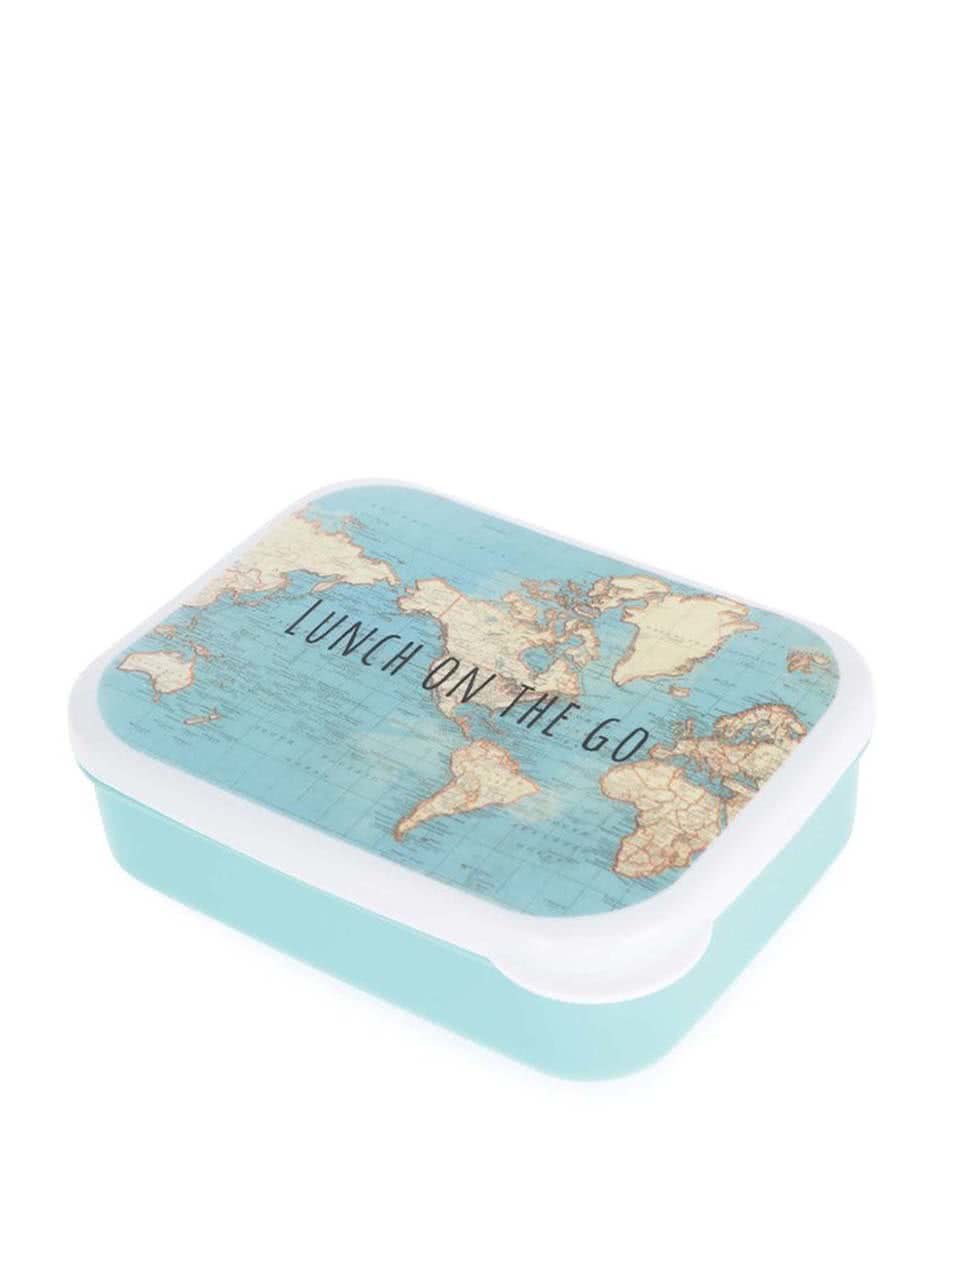 Tyrkysový box na jídlo s mapou světa Sass & Belle Vintage Map